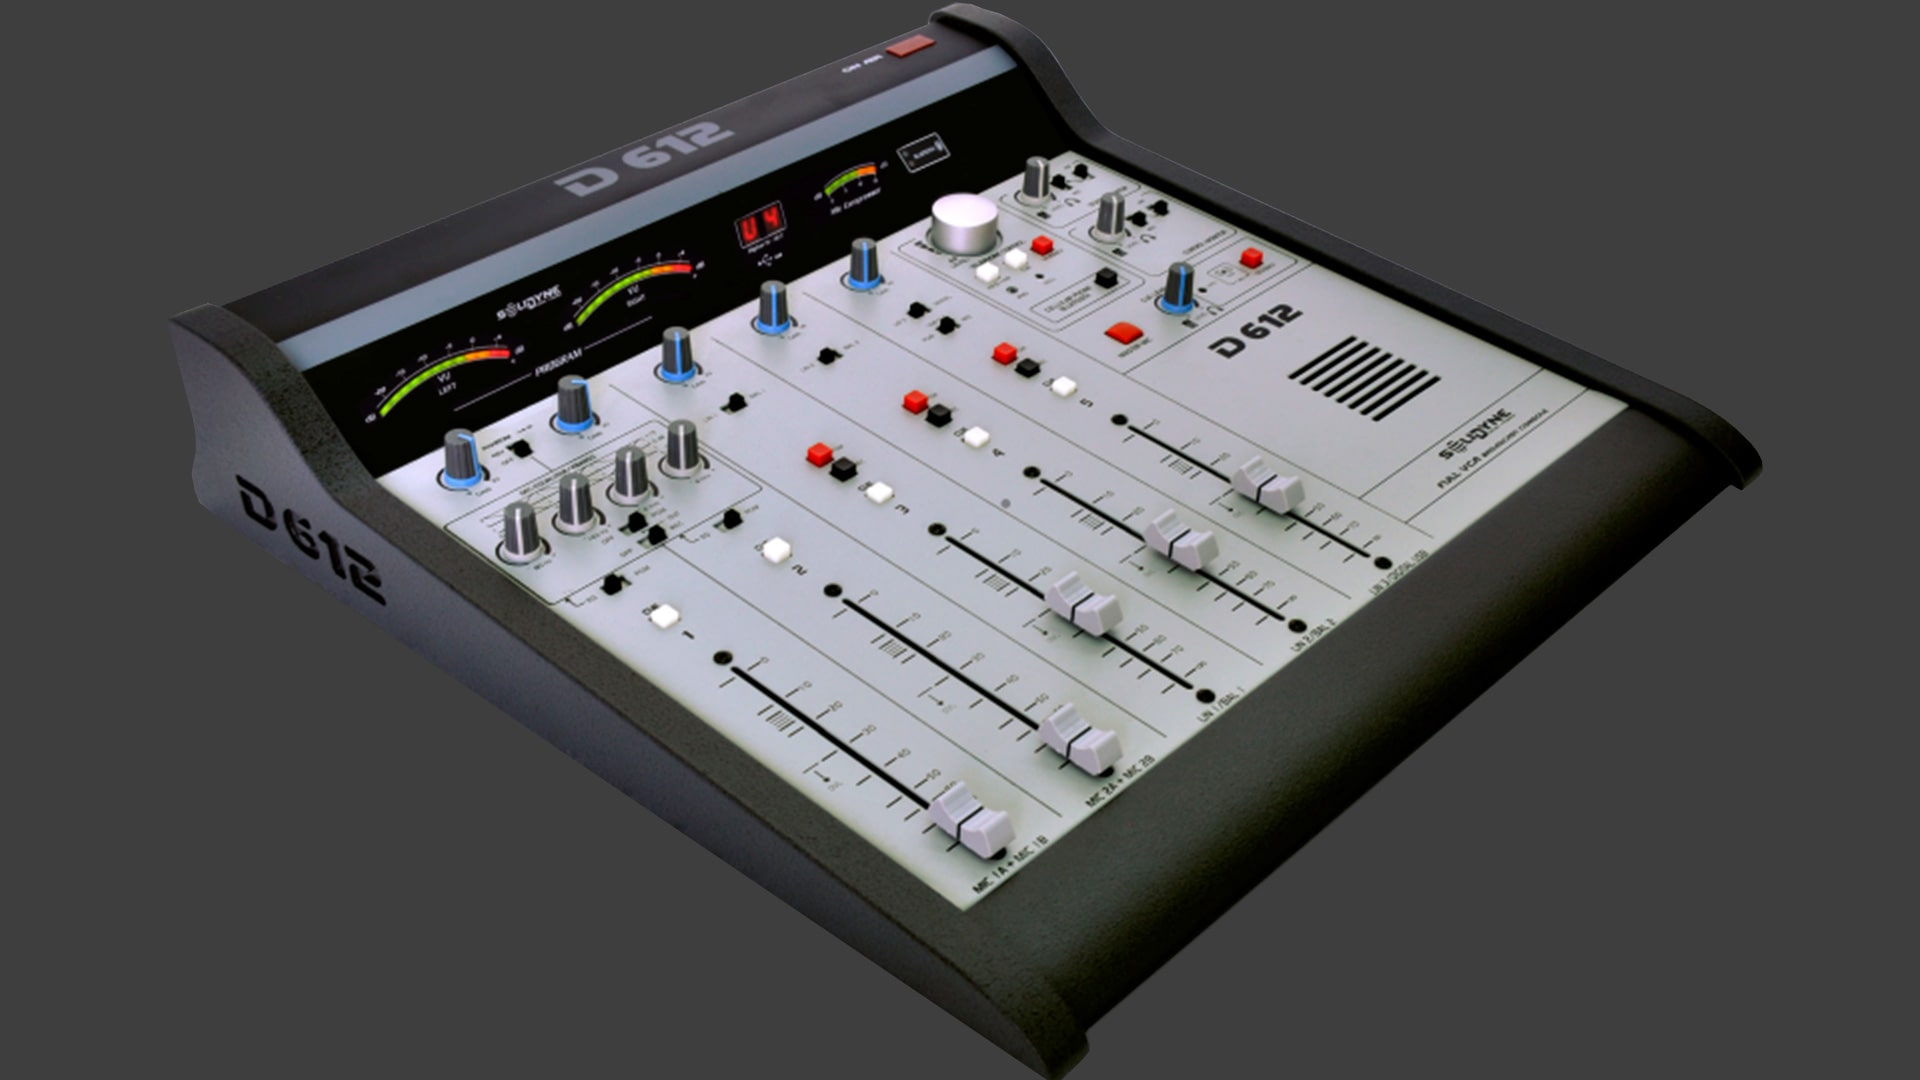 Consola-D612-Solidyne-Televisión-Radio-Emisoras-FM-AM-Internet-Virtual-Online-Buena-Imagen-Bogotá-Colombia